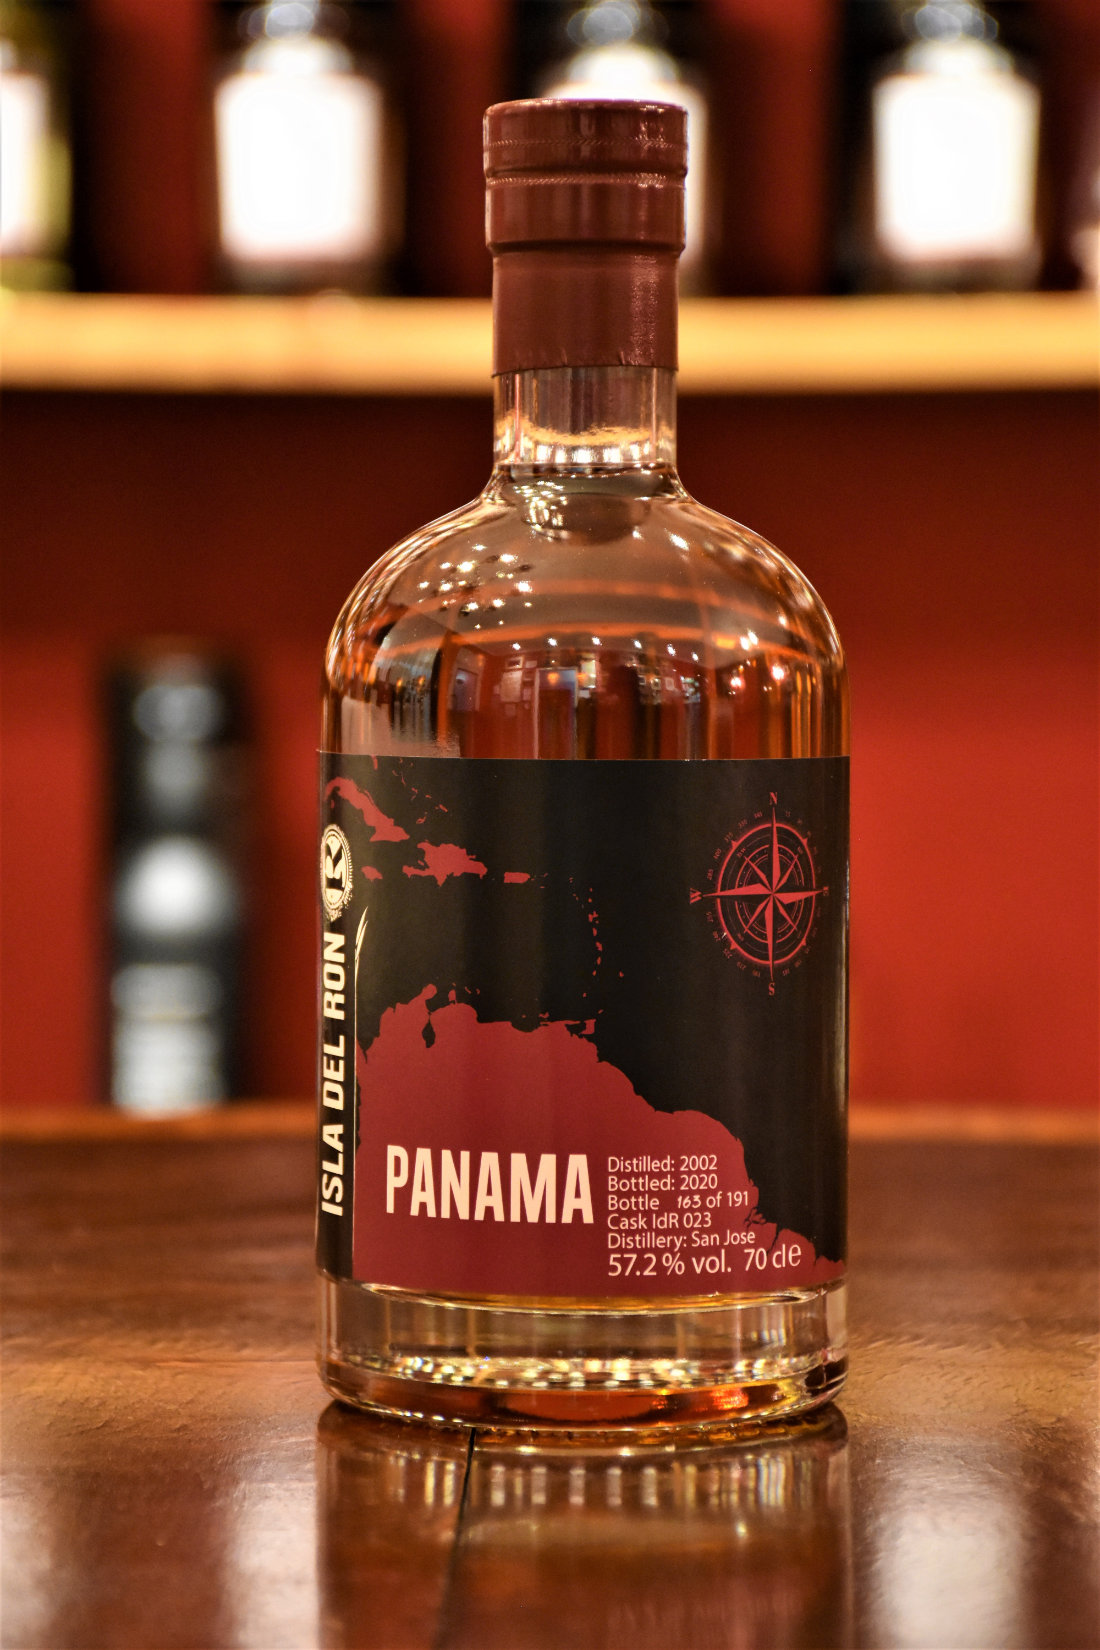 Isla del Ron Panama 2002, 18 y.o., 57,2% Alc.Vol., Malts of Scotland